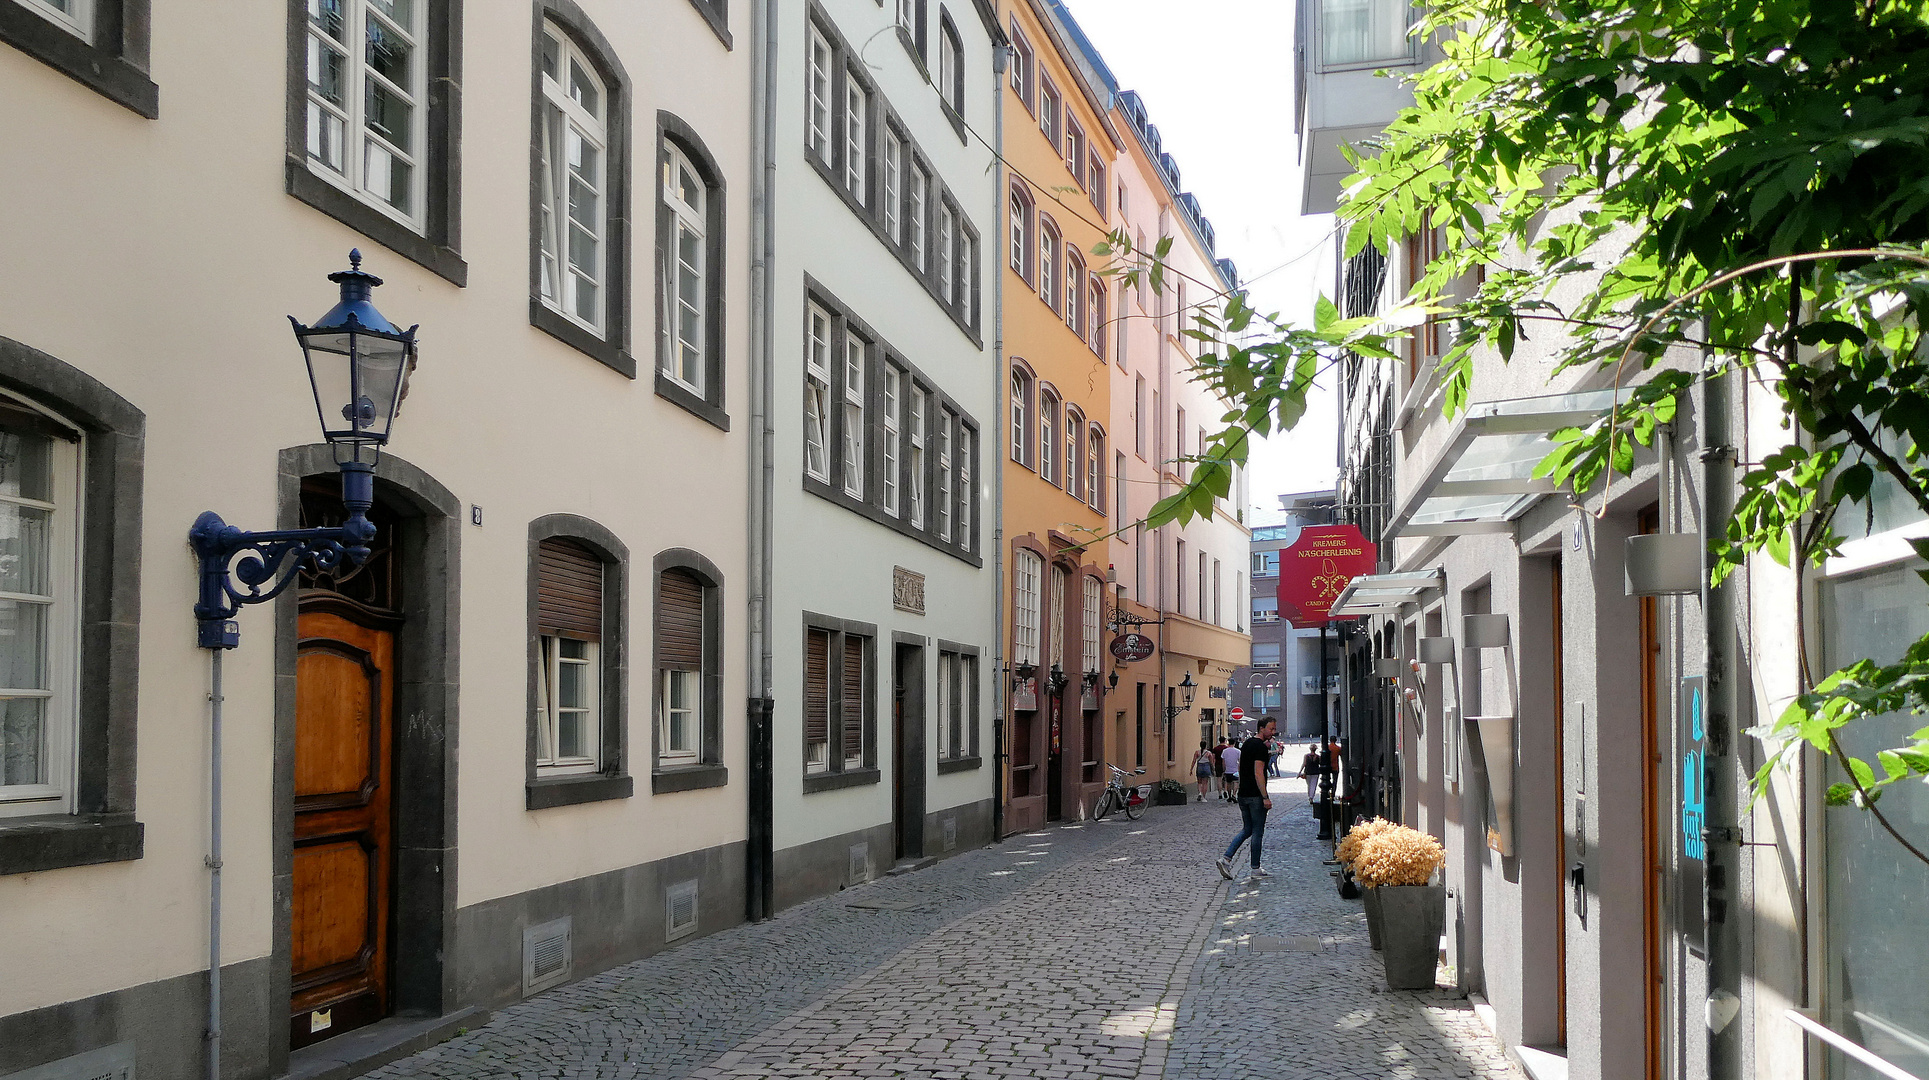 Sonntag in der Kölner Altstadt